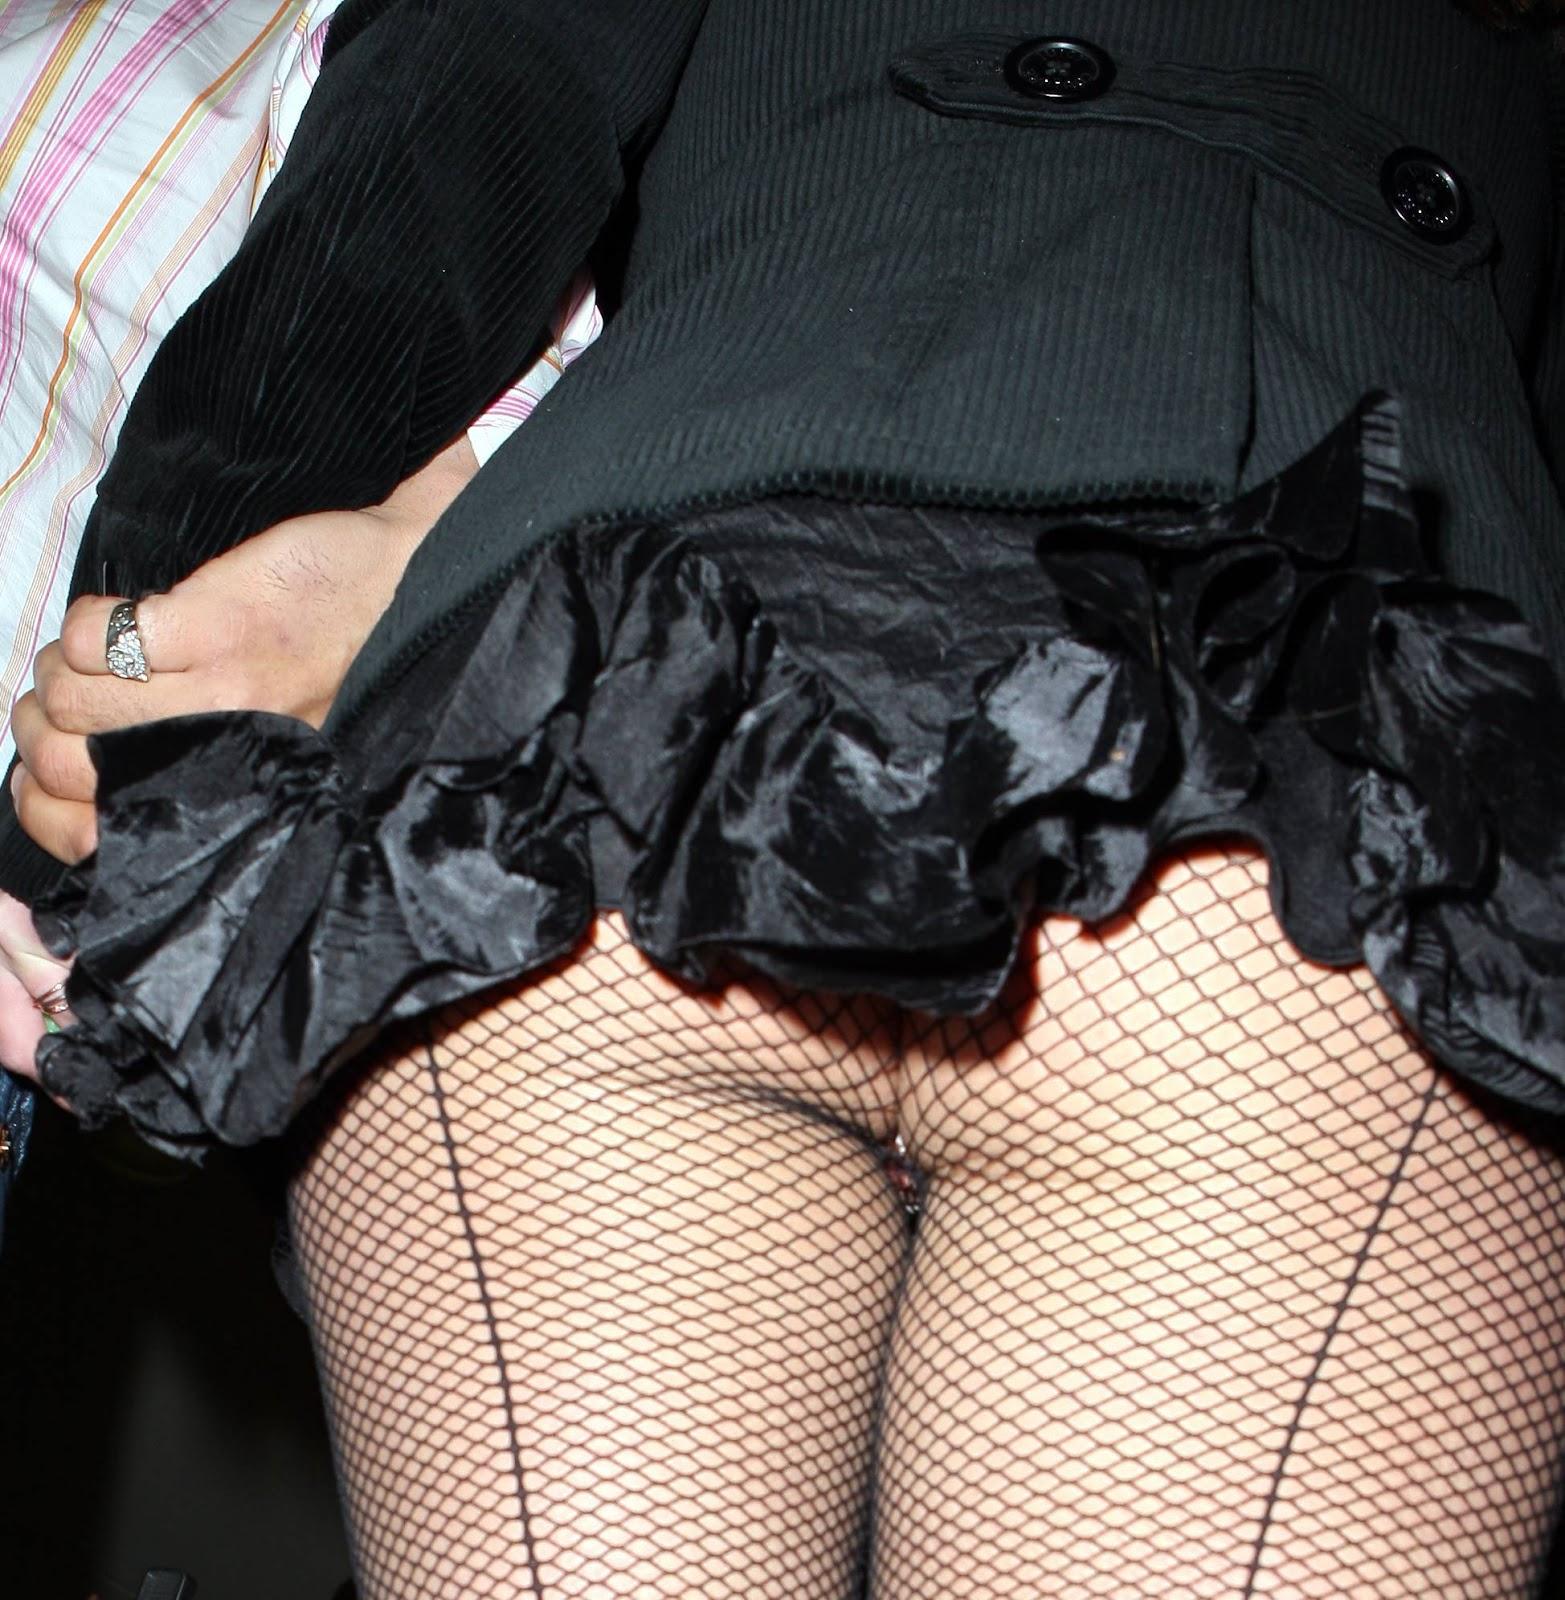 http://4.bp.blogspot.com/-O5LfCAsgM98/ULUtNZM0VSI/AAAAAAAASYE/lQGYEQGMwf0/s1600/Britney_Spears144.jpg